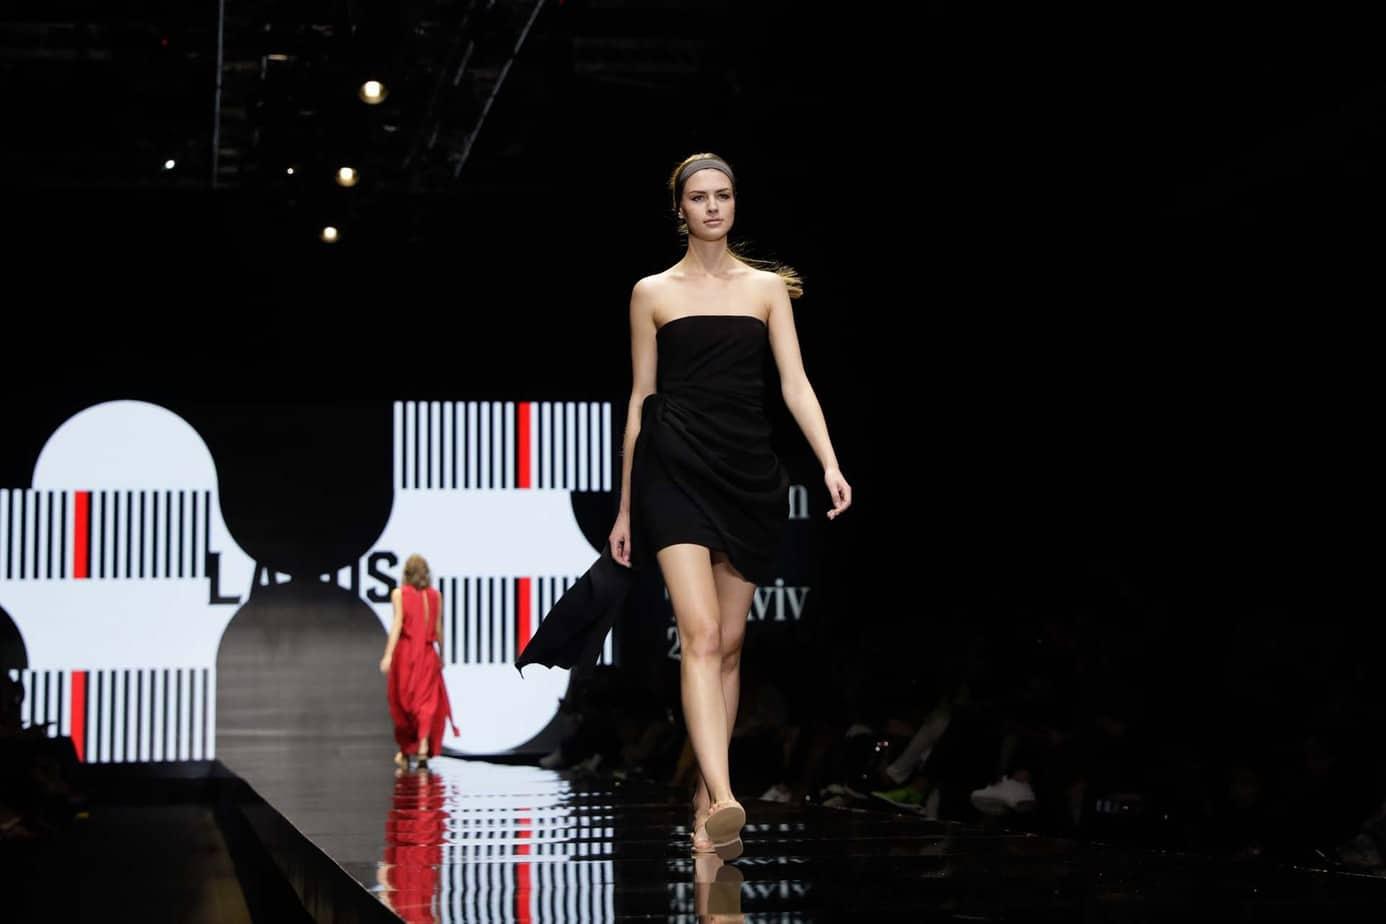 קולקציה עידן לרוס, תצוגת אופנה עידן לרוס שבוע האופנה תל אביב 2019, צילום עומר קפלן - 7